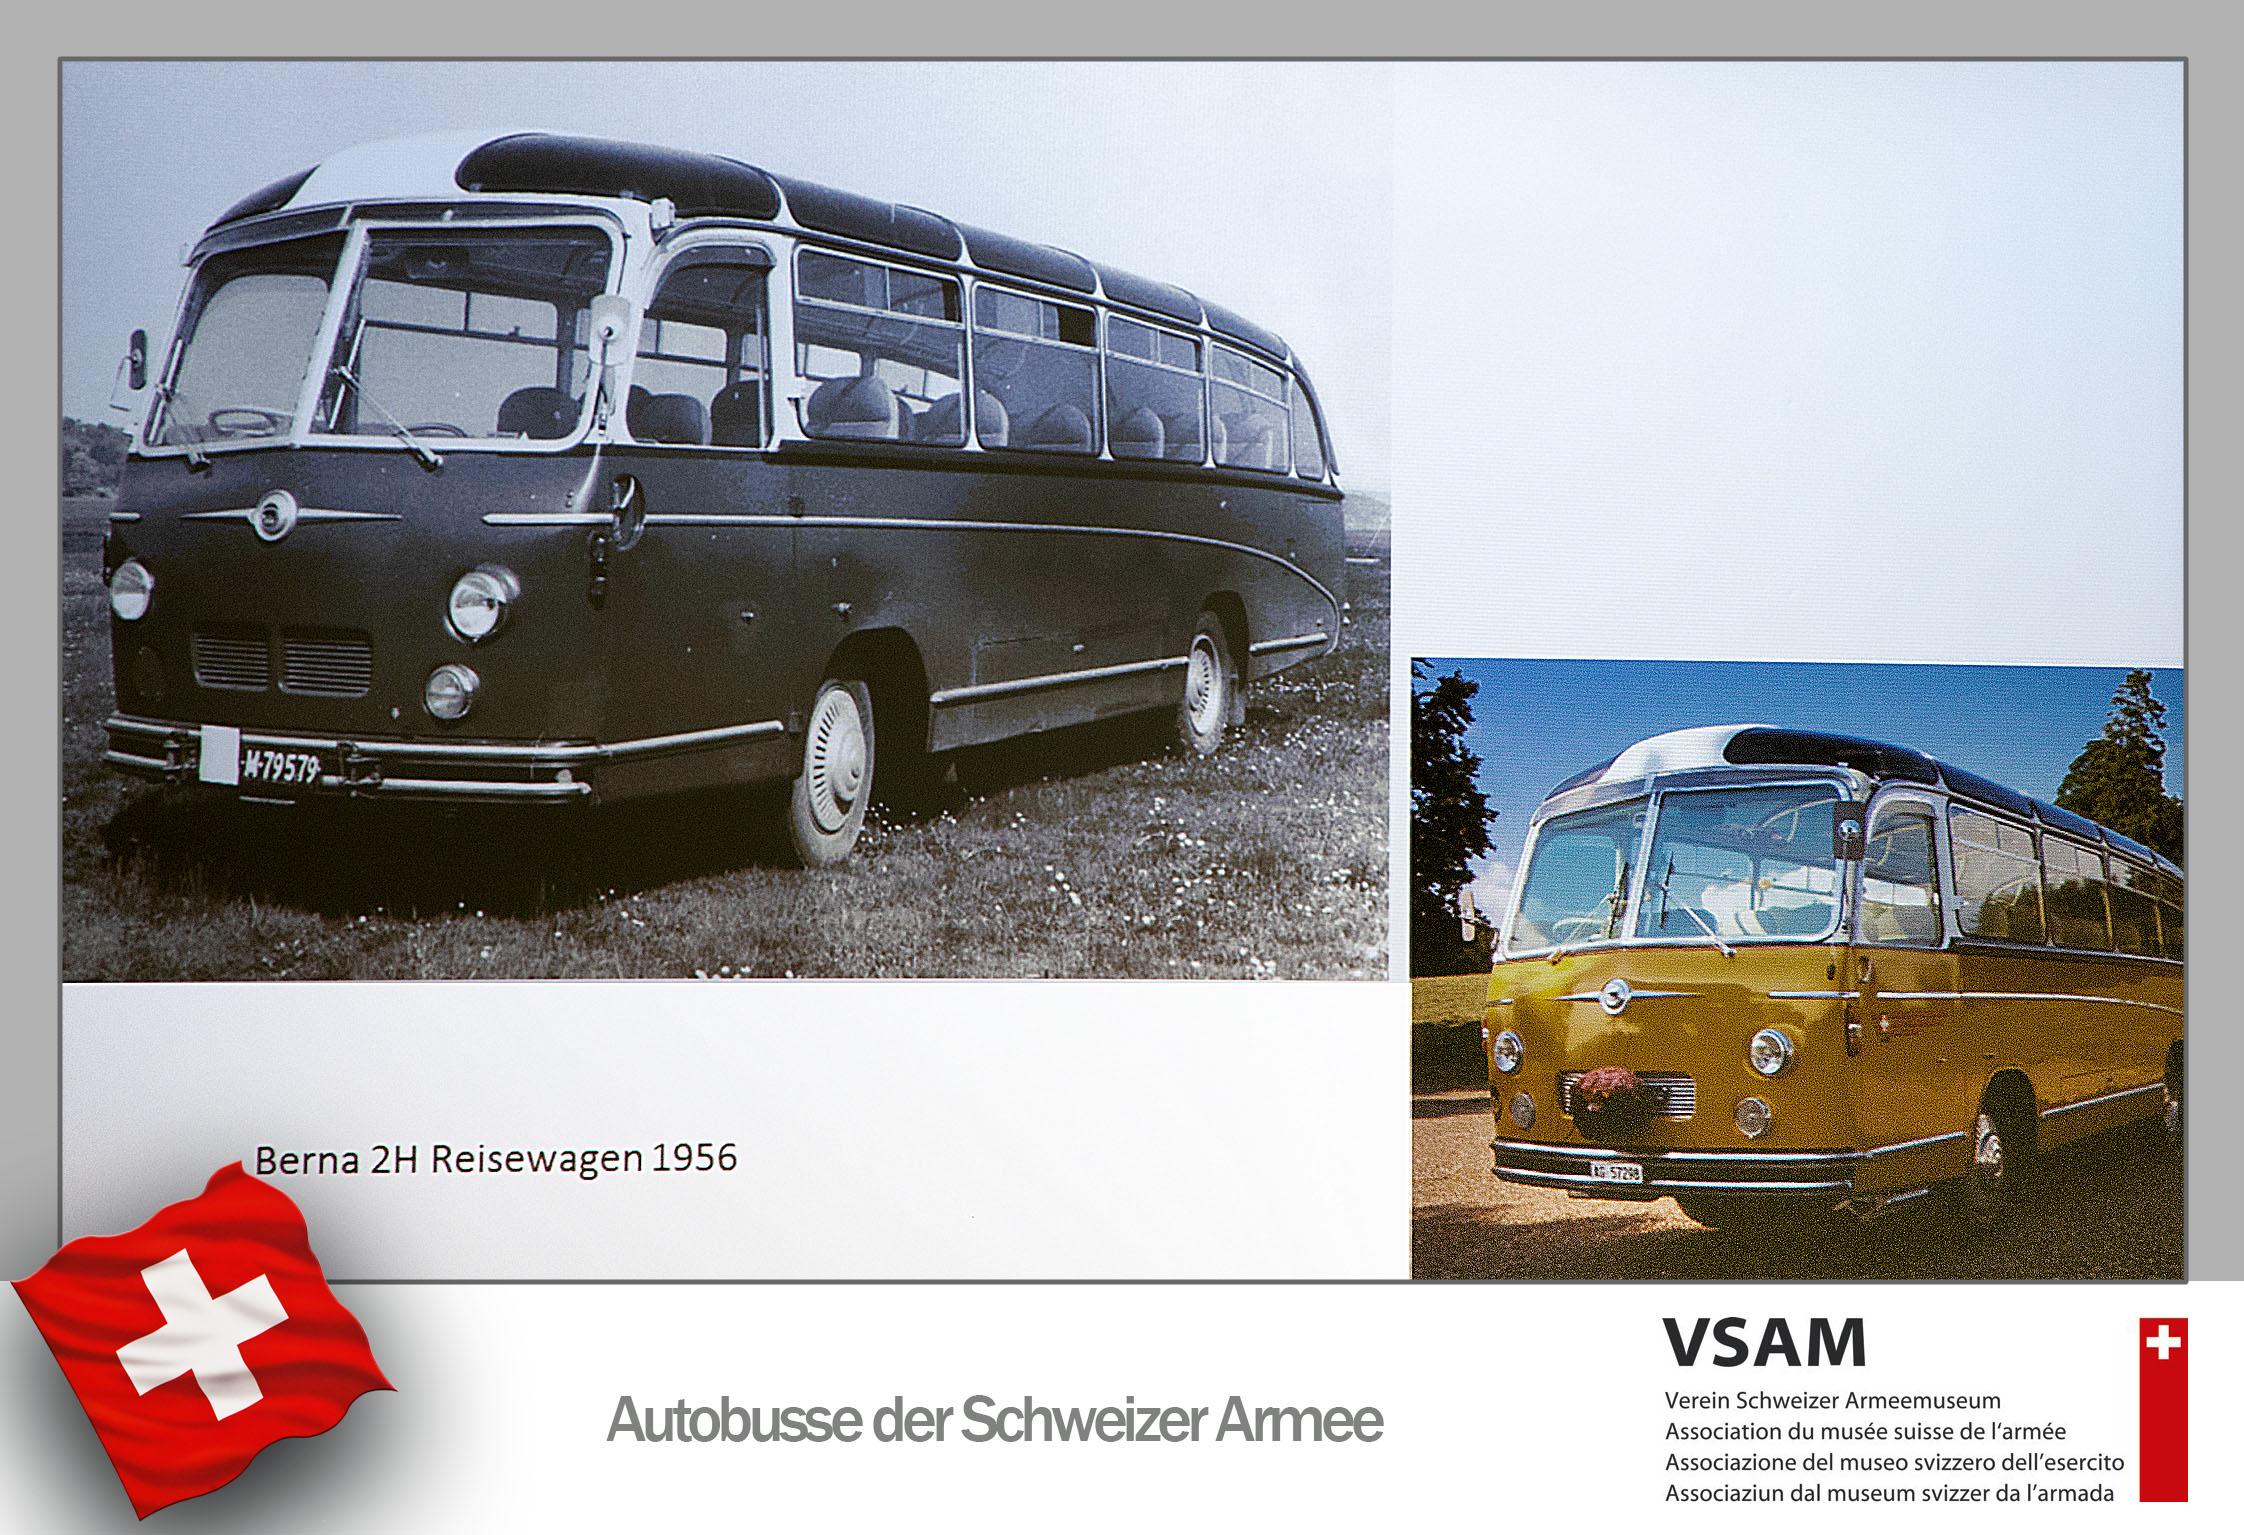 10.07.2019 Burgdorf VSAM Vortrag Autobusse der Schweizer Armee R